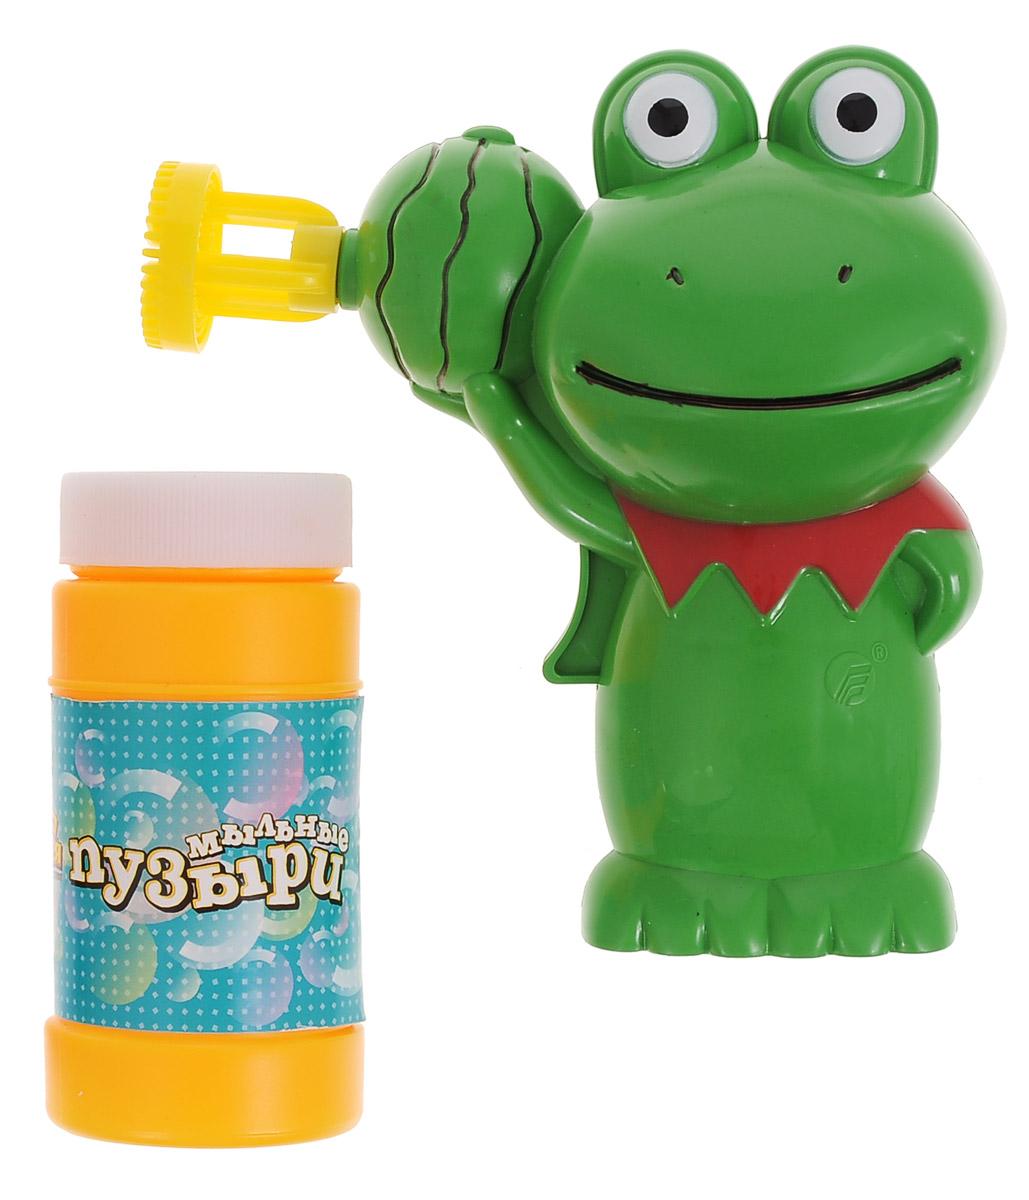 Веселая затея Игрушка с мыльными пузырями Лягушонок, 90 мл1504-0191Выдувание мыльных пузырей - это веселое развлечение для детей и взрослых. А с игрушкой Веселая затея Лягушонок вас ждет просто гигантская очередь мыльных пузырей! Для этого налейте мыльный раствор в крышку от флакончика, опустите в нее носик игрушки, поднимите в воздух и нажмите на курок. Вы увидите невероятное количество пузырей. Устройте малышу настоящее мыльное шоу! В комплекте для выдувания мыльных пузырей: пластиковый пистолет, пузырек с мыльной жидкостью. Для работы игрушки необходимы 2 батарейки типа АА (не входят в комплект).